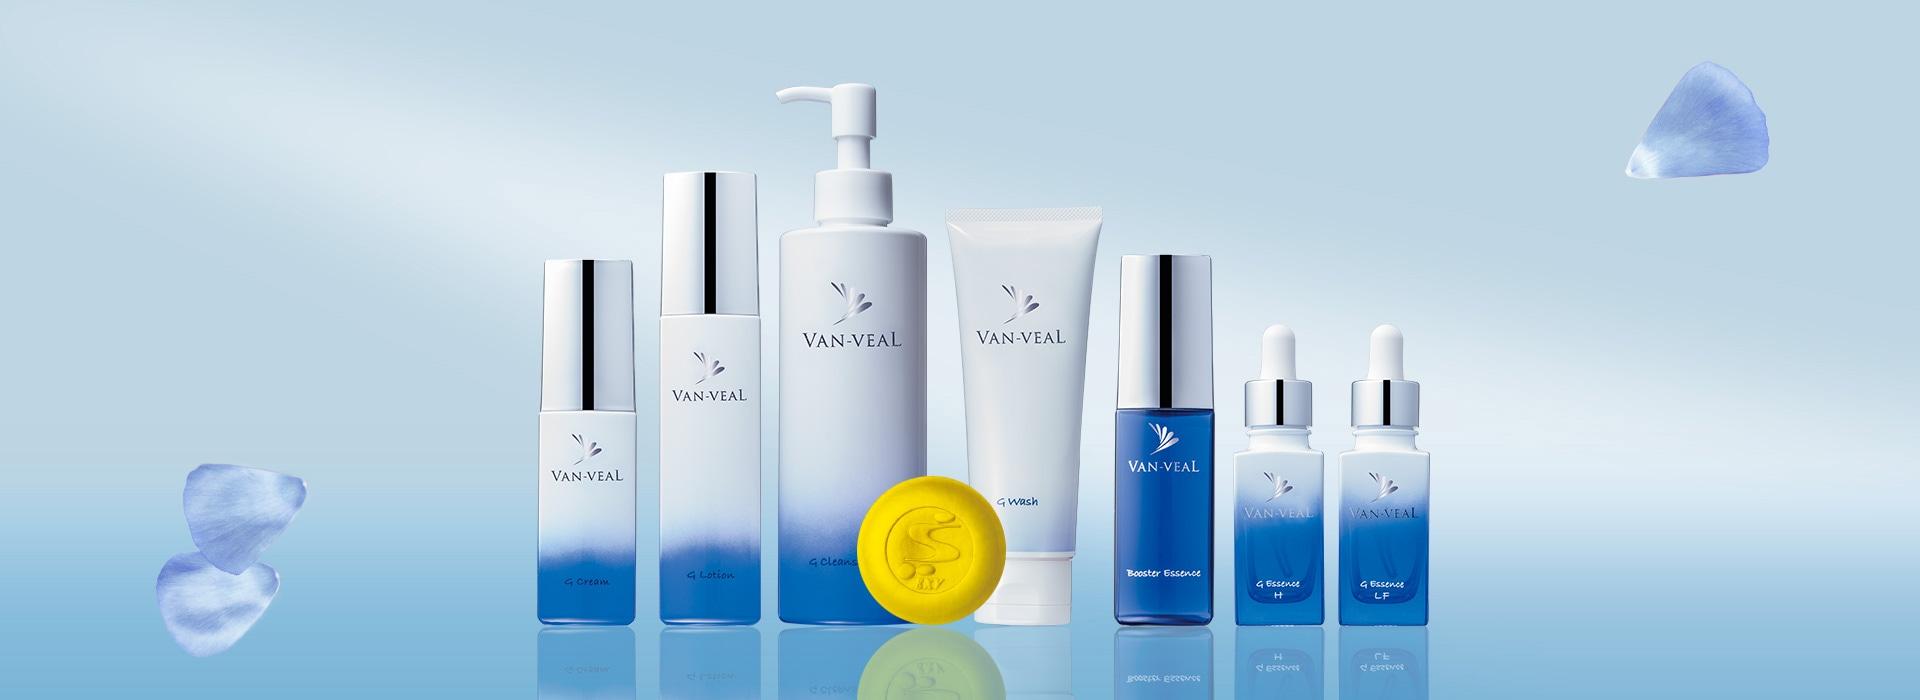 VAN-VEAL LINEUP サロン化粧品のご紹介